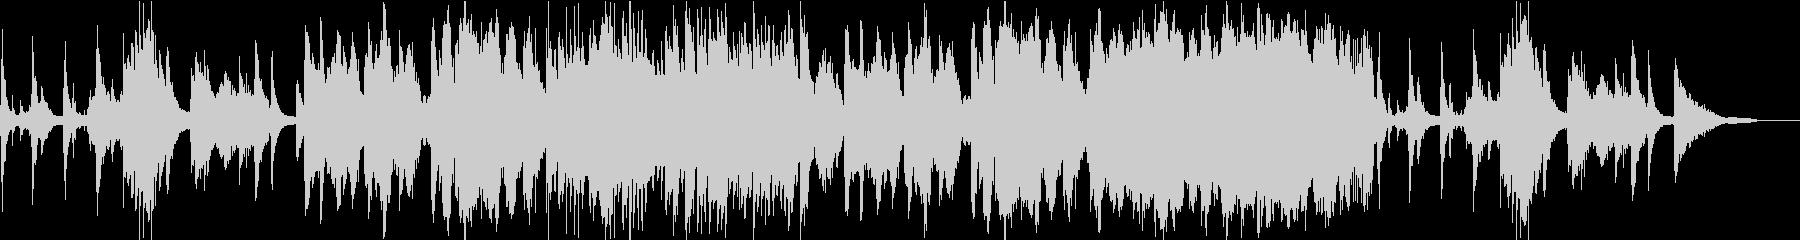 和調のバイオリンの旋律が印象的なBGMの未再生の波形